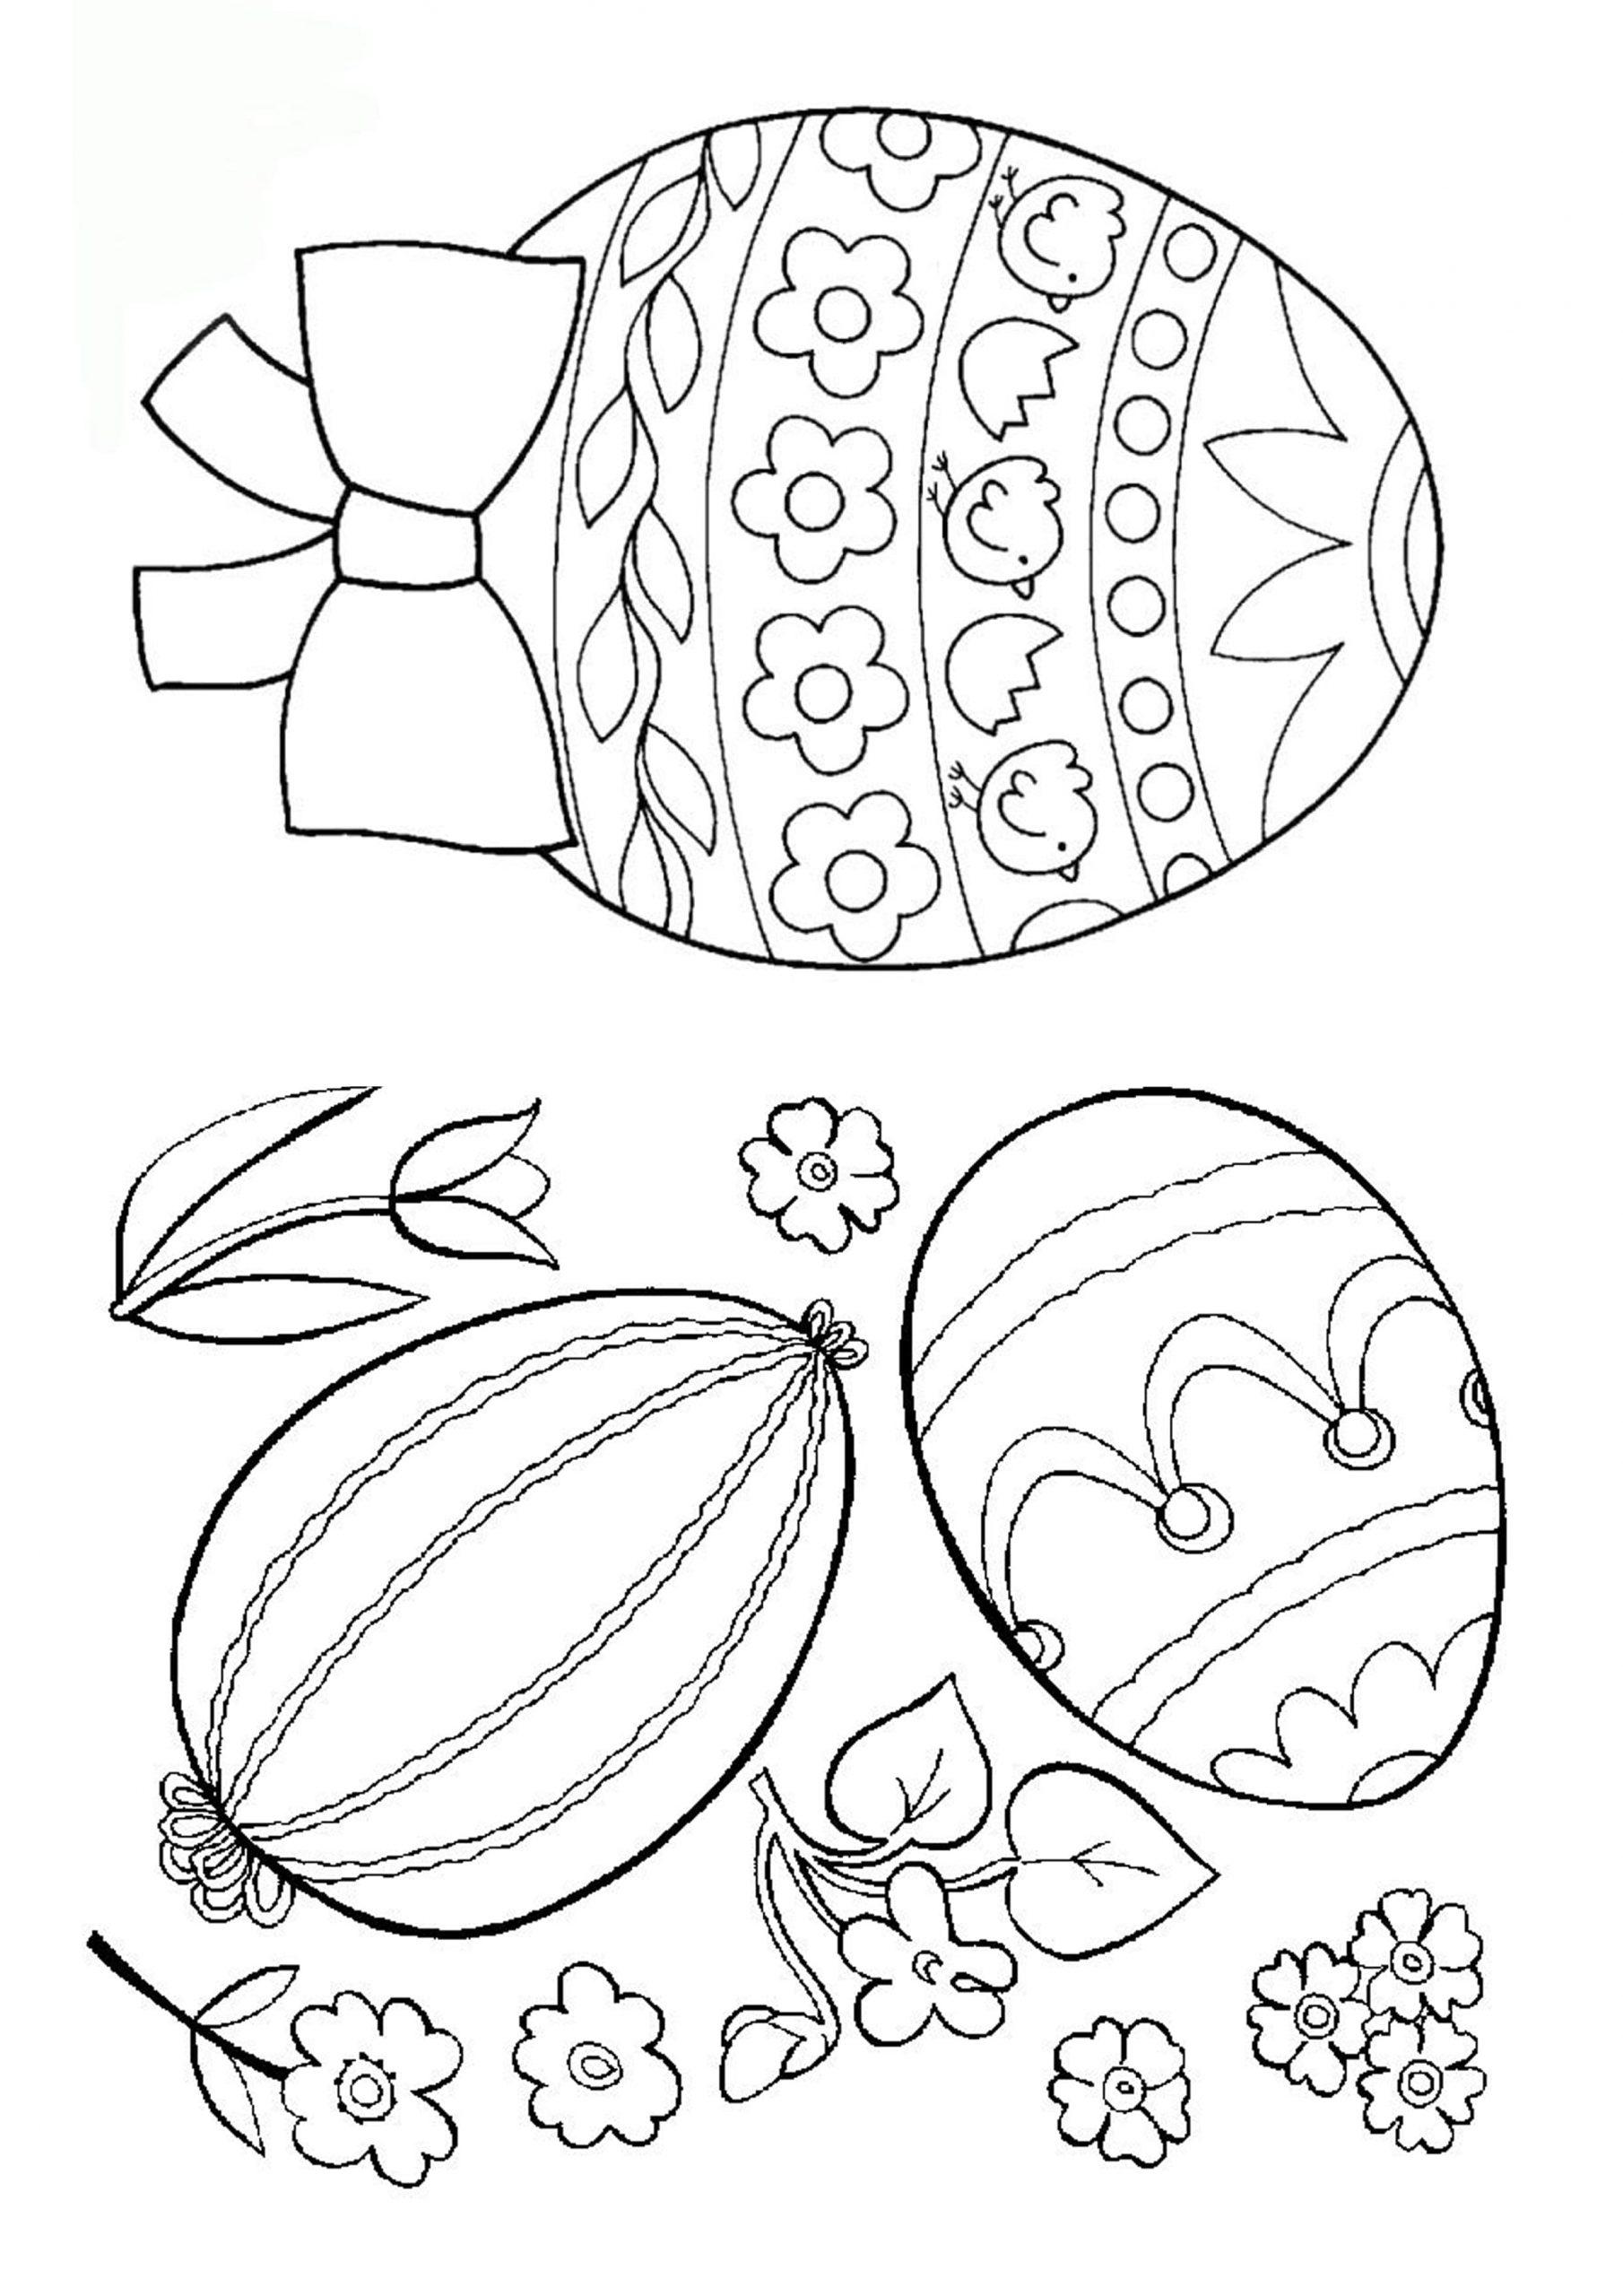 Ausmalbilder Ostern. Kostenlos Ostereier Und Hasen Ausdrucken für Oster Ausmalbilder